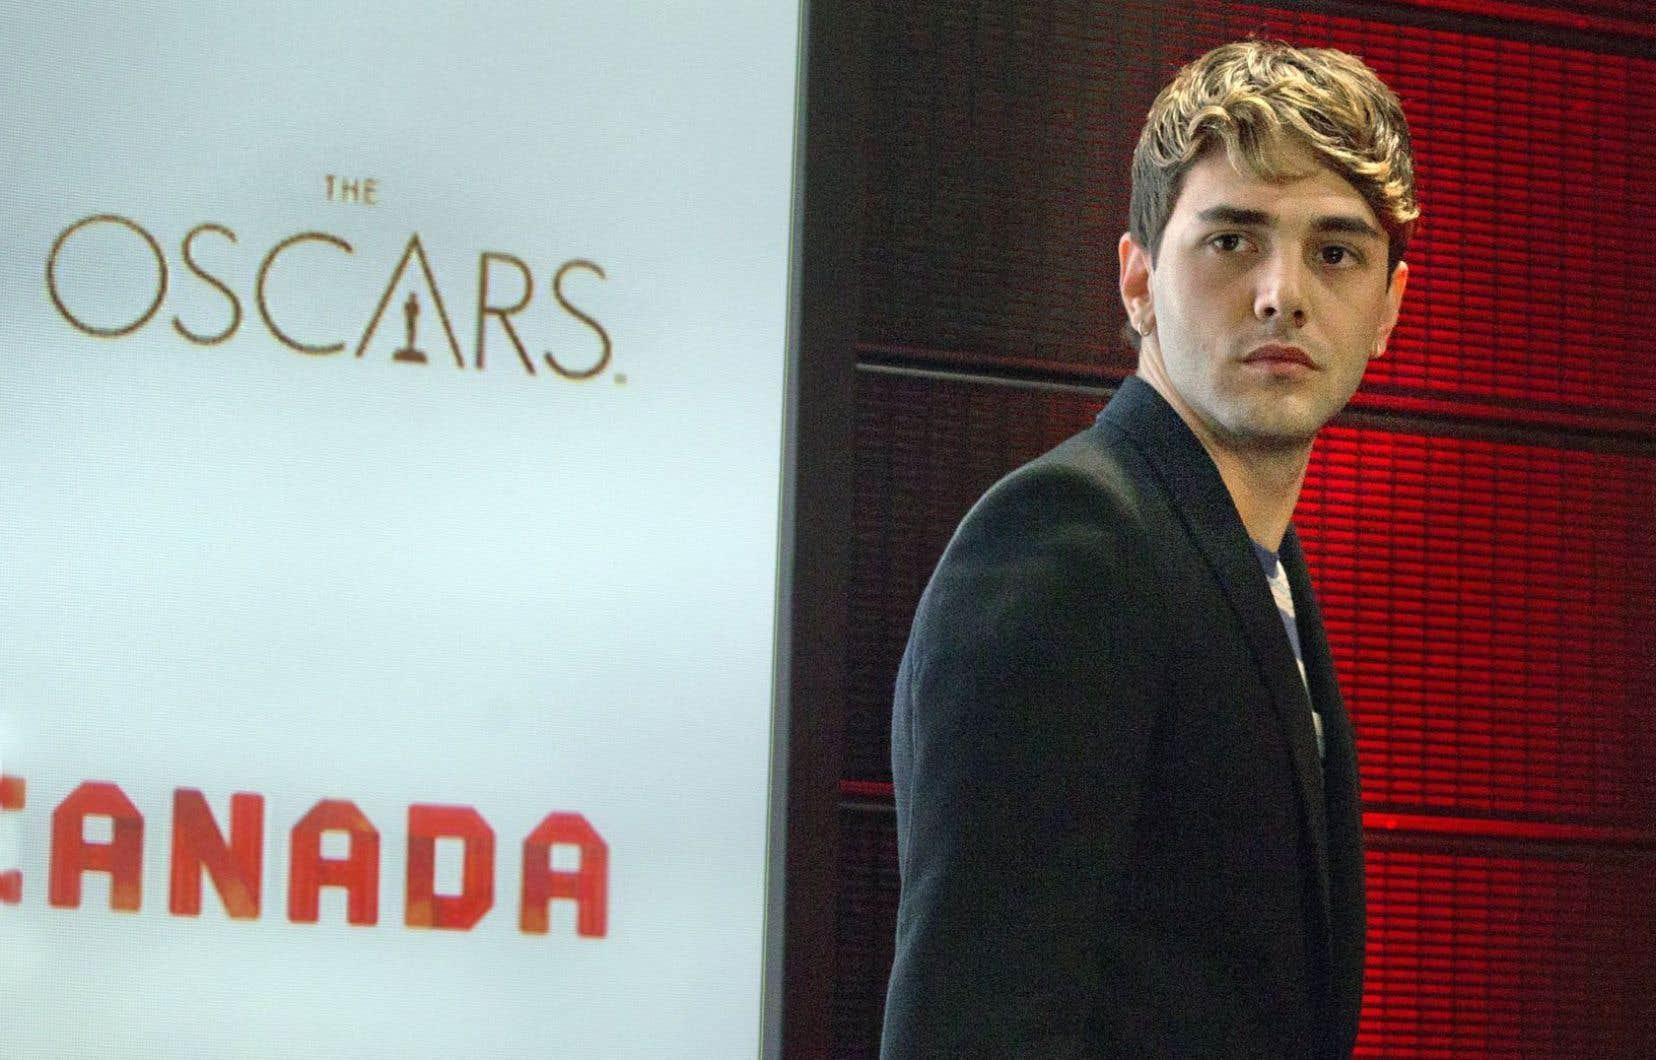 «Les Oscar participent à mon éducation et font partie de mon background au cinéma», a affirmé en entrevue vendredi Xavier Dolan.